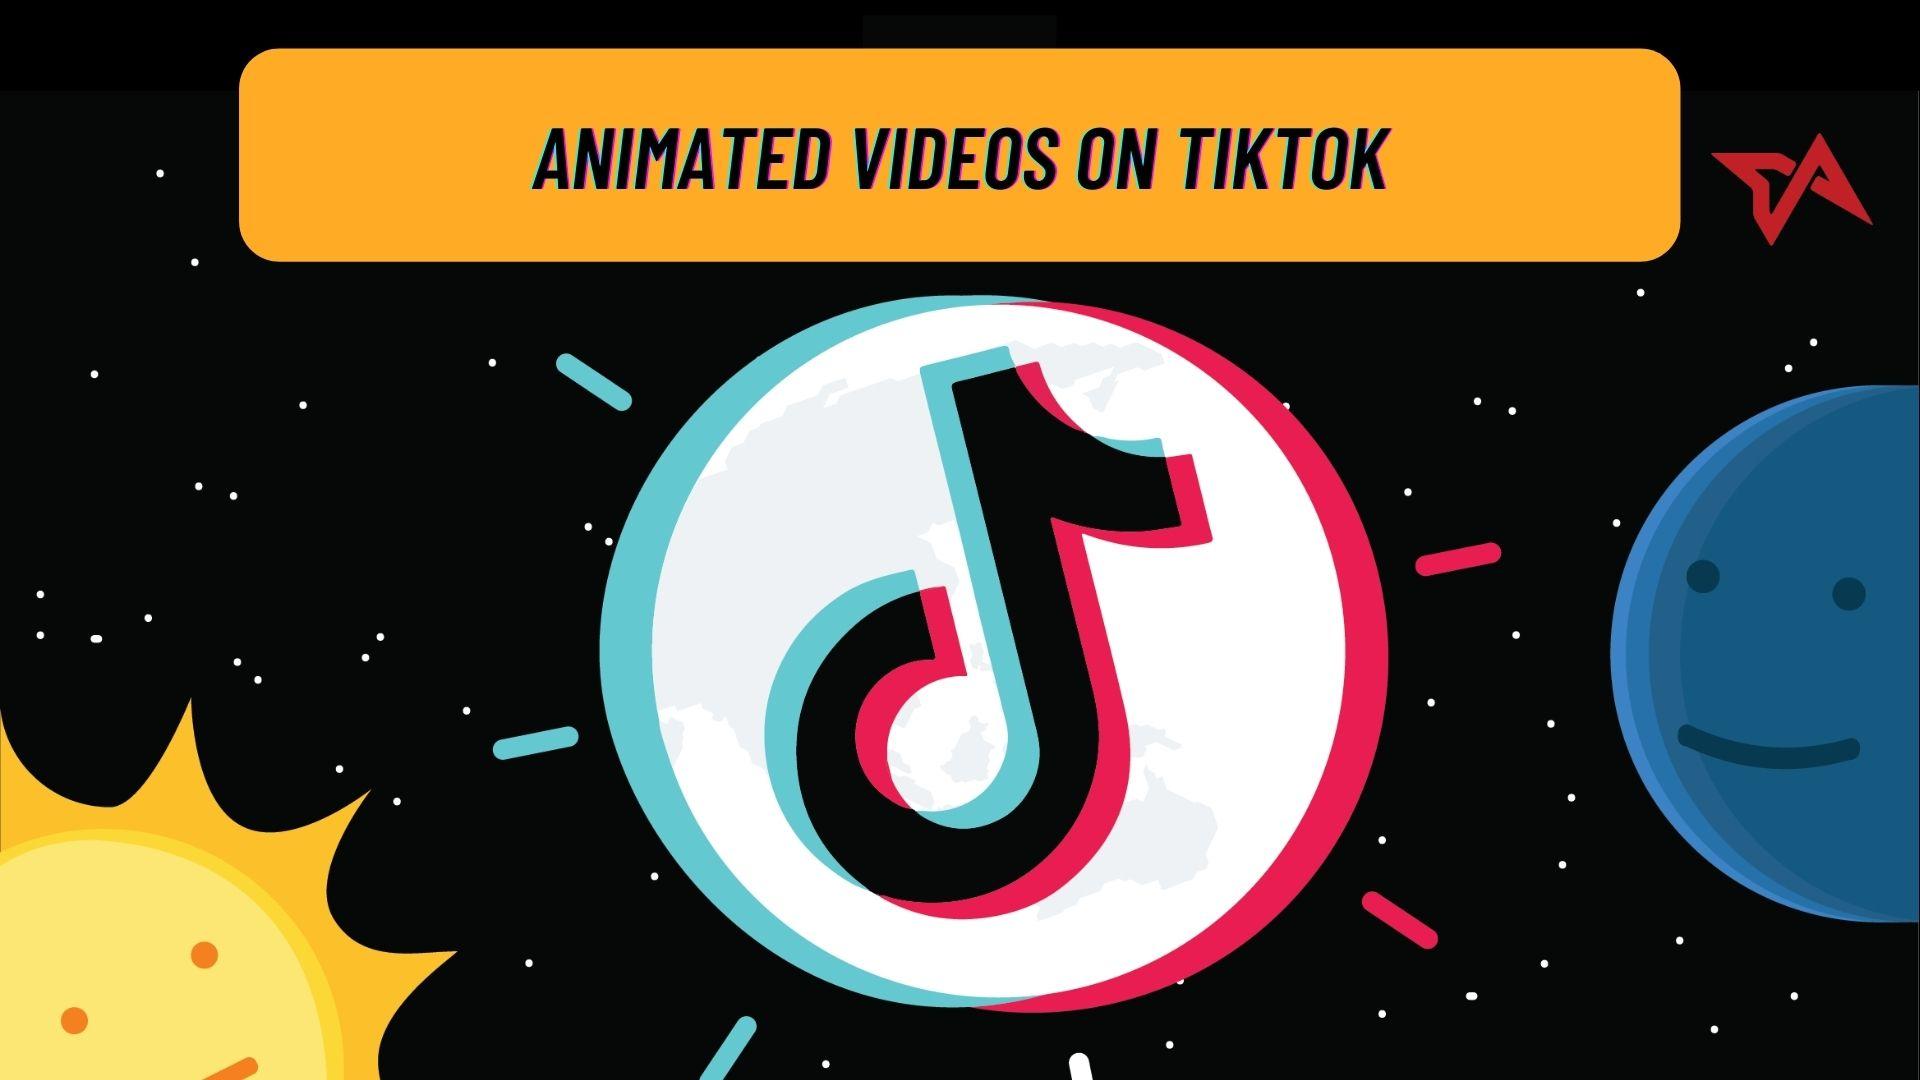 Animated videos on TikTok